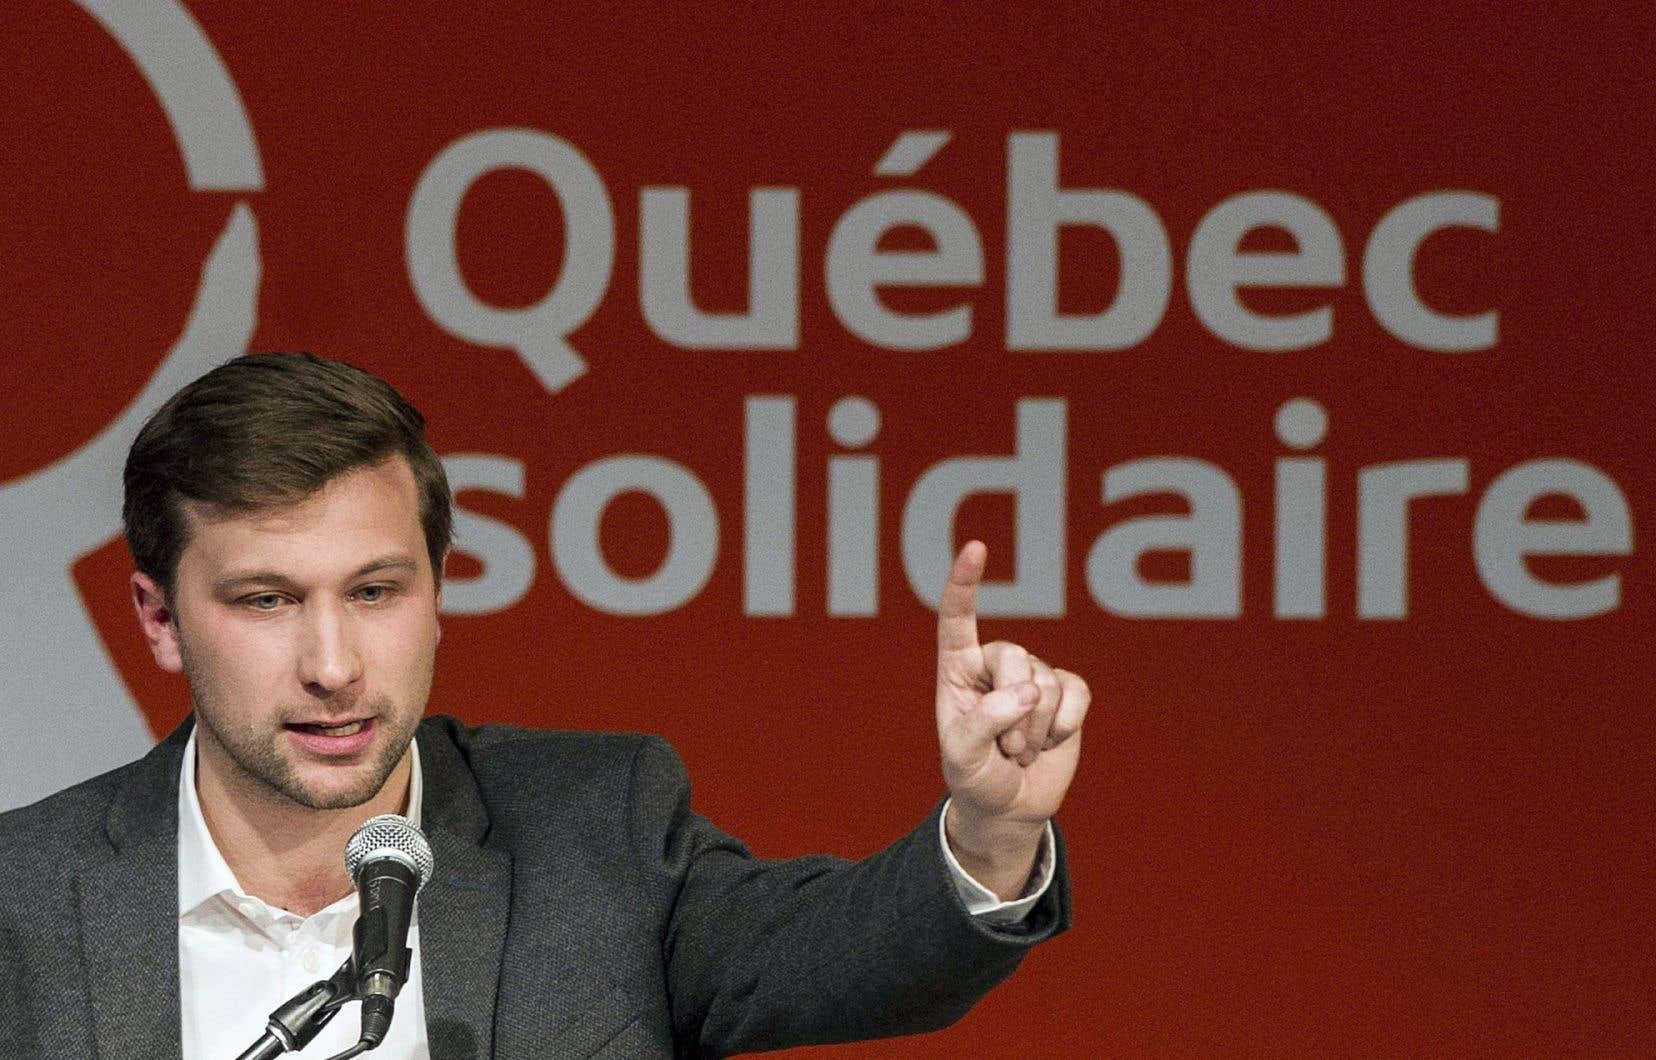 «Gabriel Nadeau-Dubois [...] m'apparaît comme une figure politique nécessaire qui mérite sa place dans notre univers politique», conclut l'auteure.